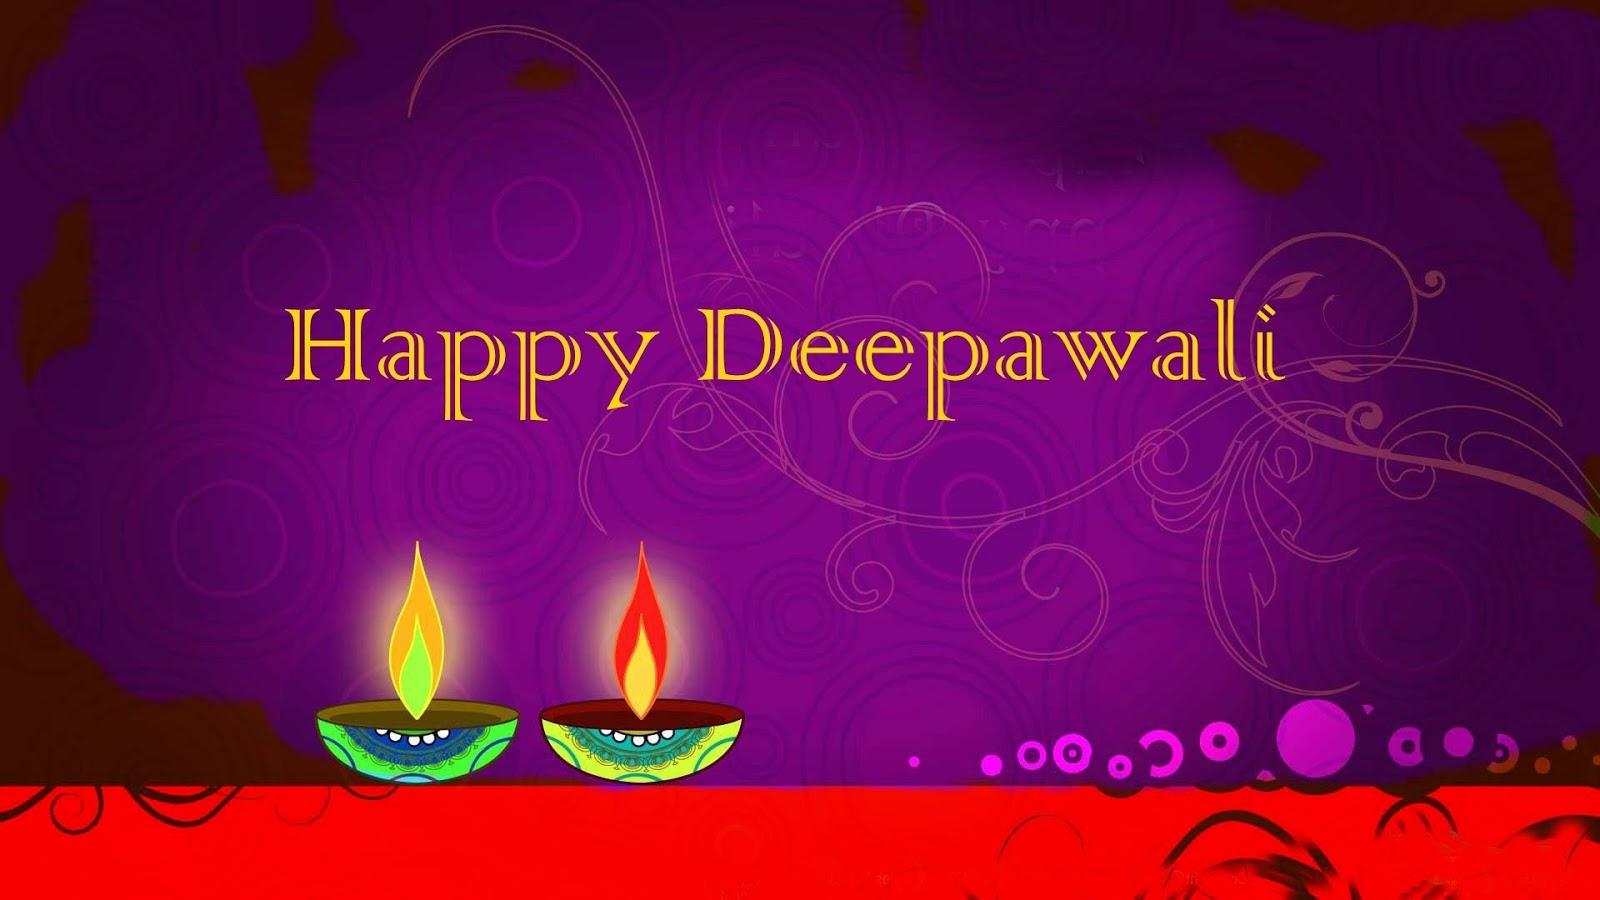 Happy Diwali Wallpapers for Desktop